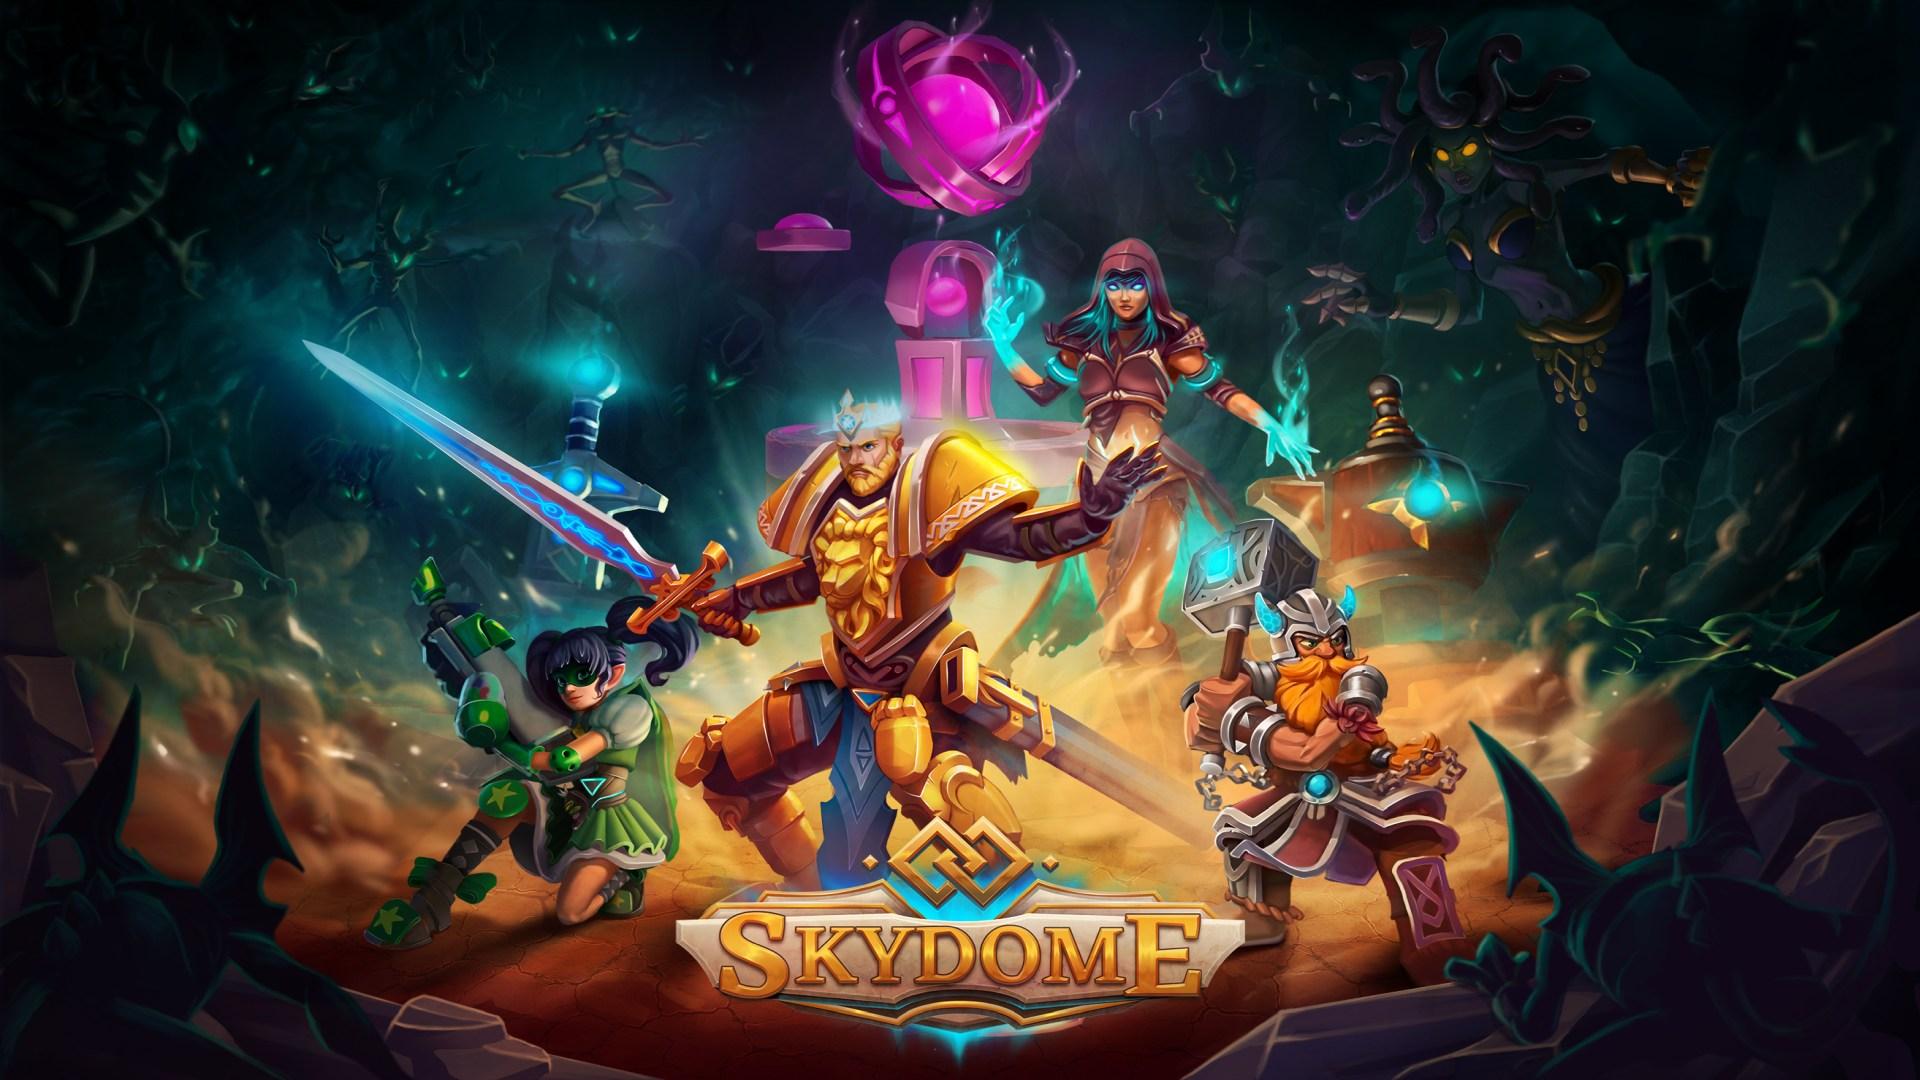 Skydome - art   Kinship Entertainment, gamigo